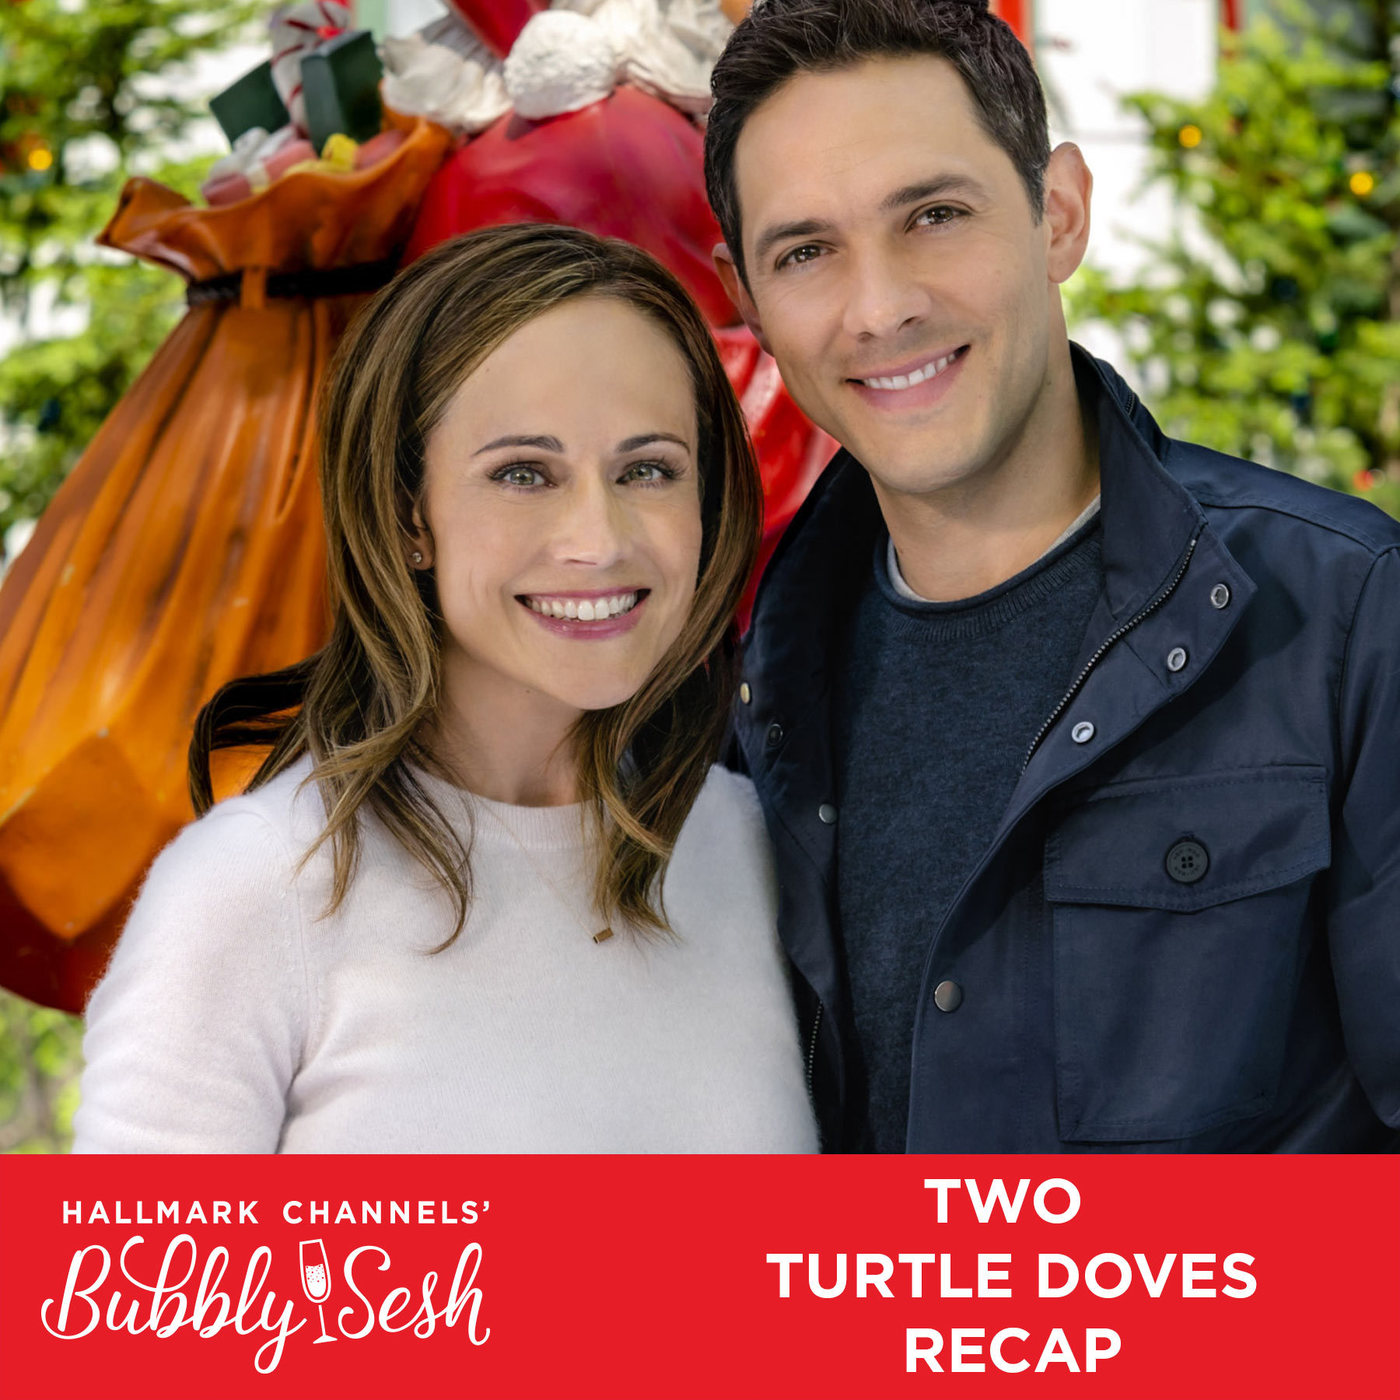 Two Turtle Doves Recap